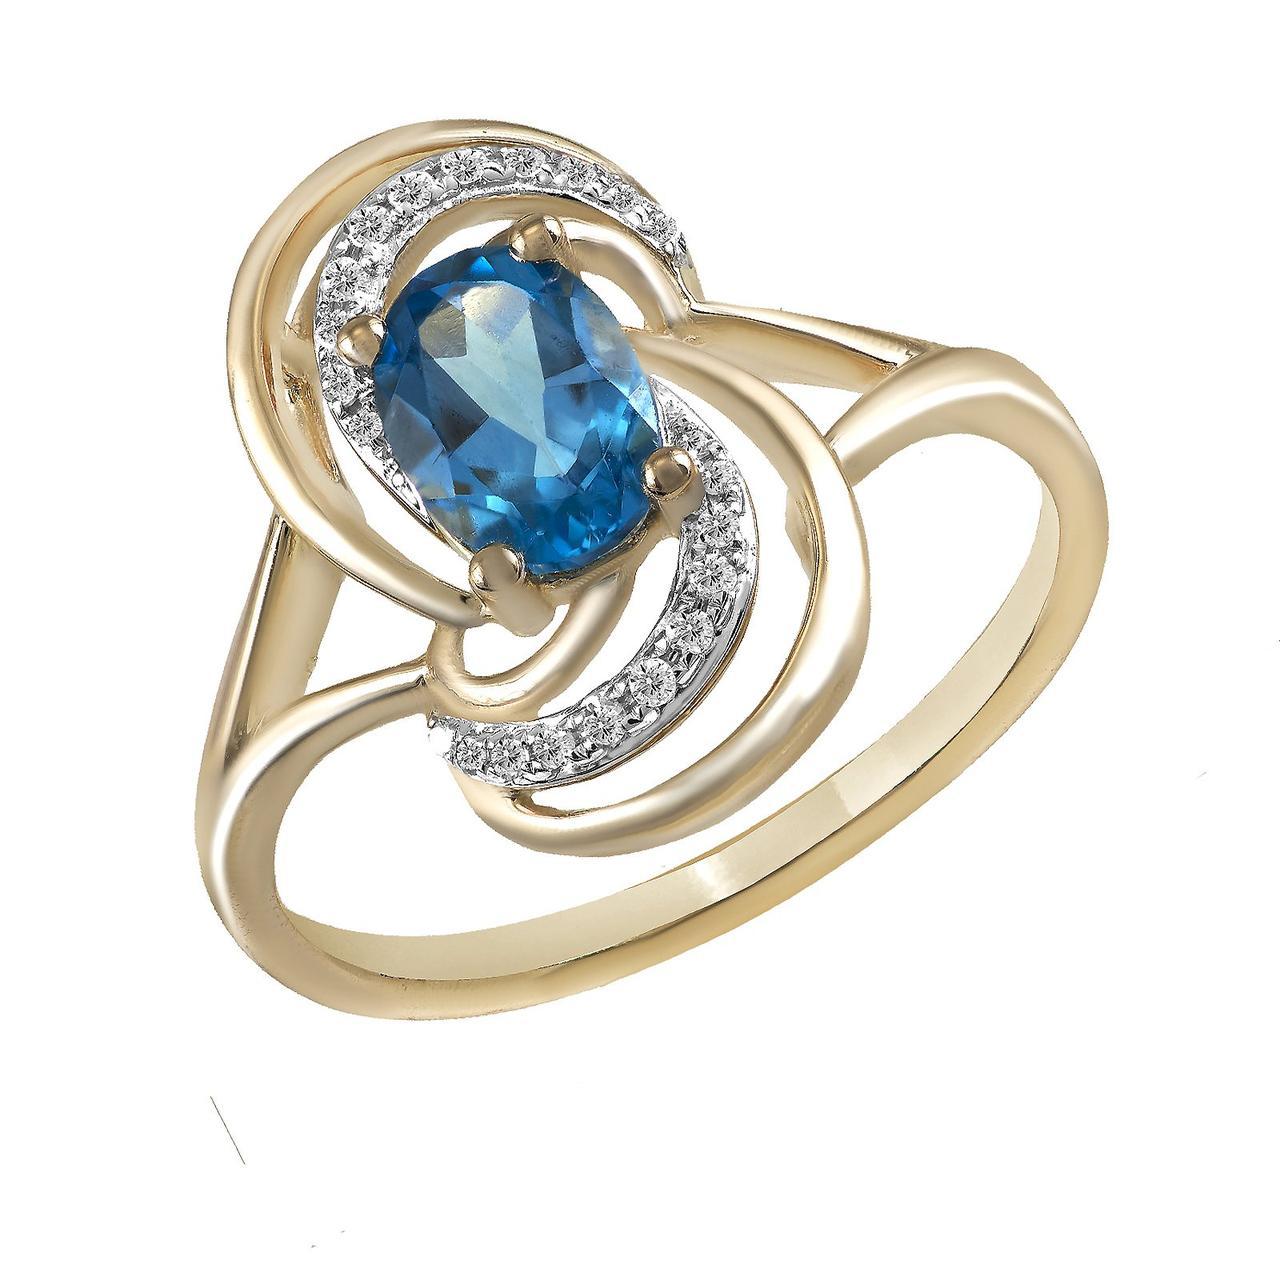 Золотое кольцо с бриллиантами и топазом, размер 16.5 (825123)